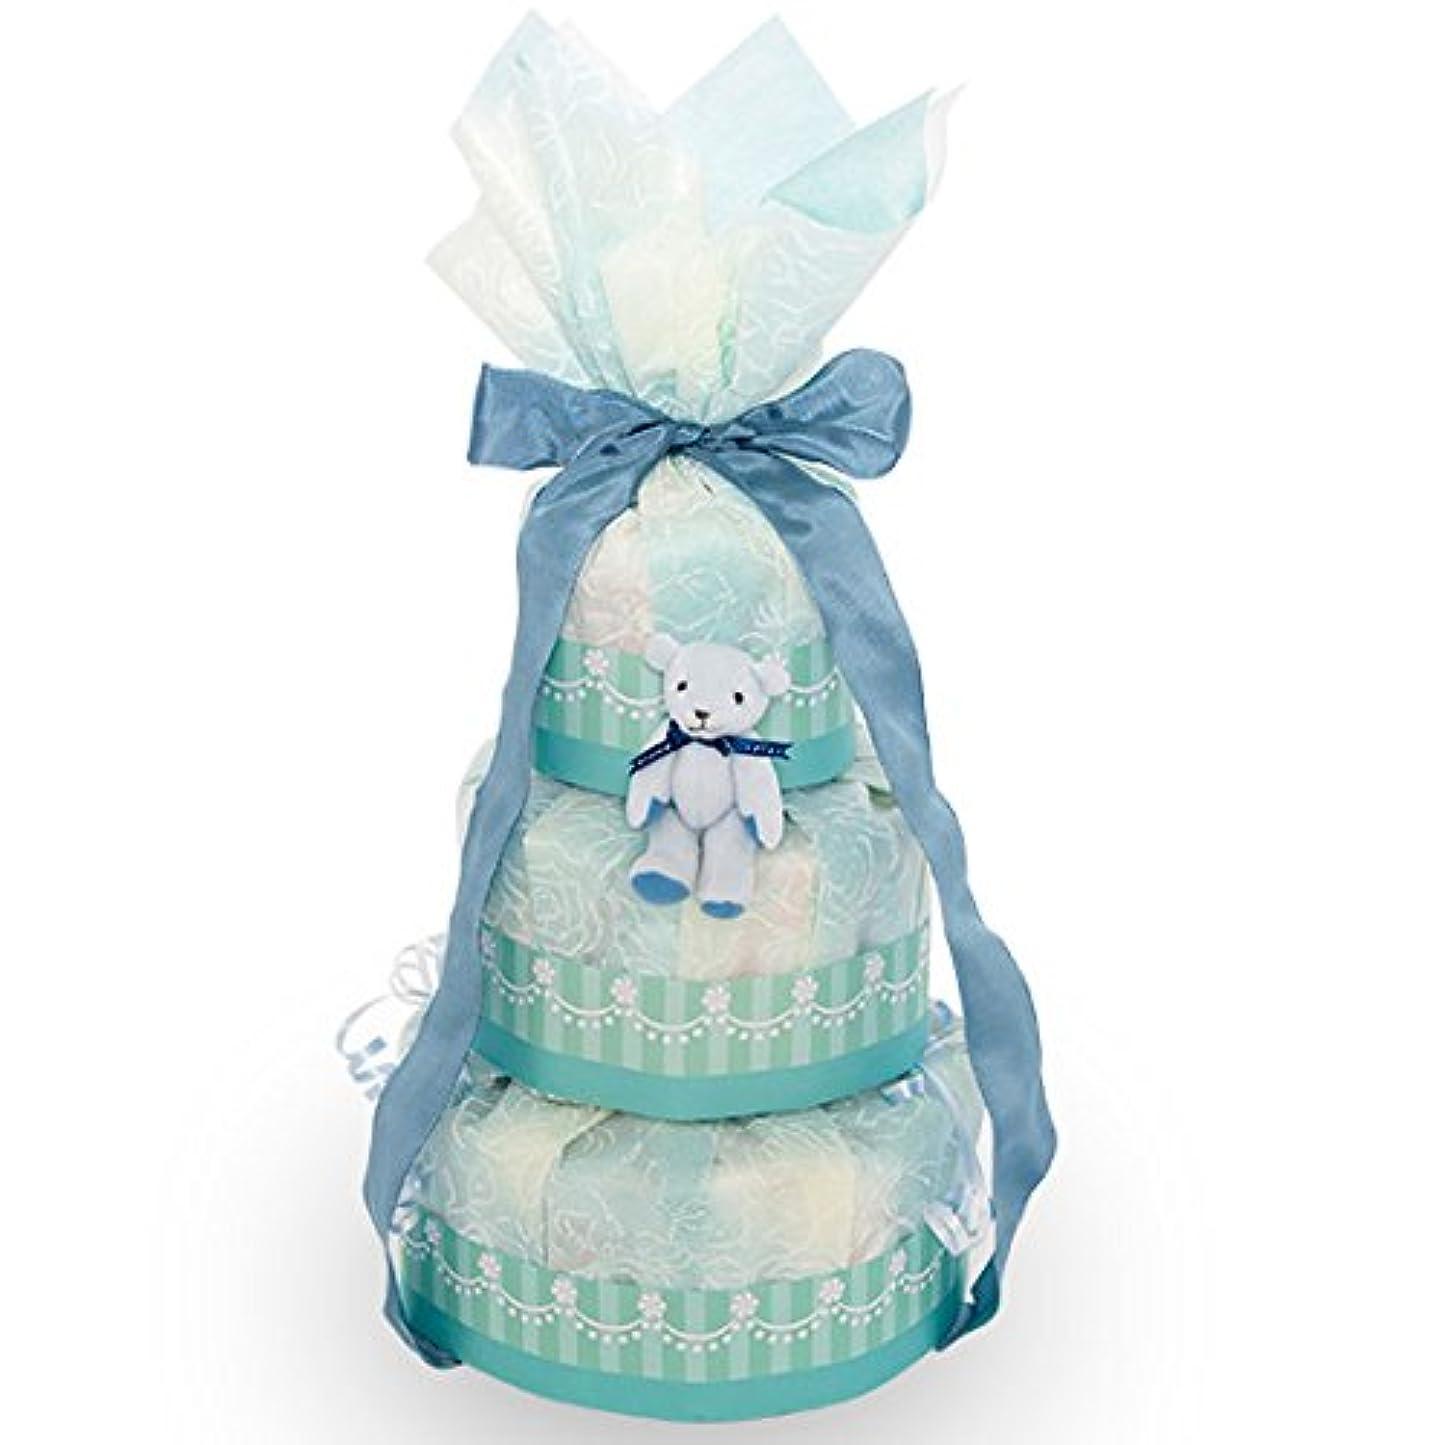 植生手配する小麦粉出産お祝いに!【くまのおむつケーキ】おむつケーキ 可愛い 豪華 ソーダ ブルー 赤ちゃんへの内祝い 可愛いオリジナルメッセージカード付き! 好きな文章を印刷してお贈りします! パンパースMサイズ 日本製 テディベアのキーホルダー付き 女の子 男の子 ダイパーケーキ(3段)